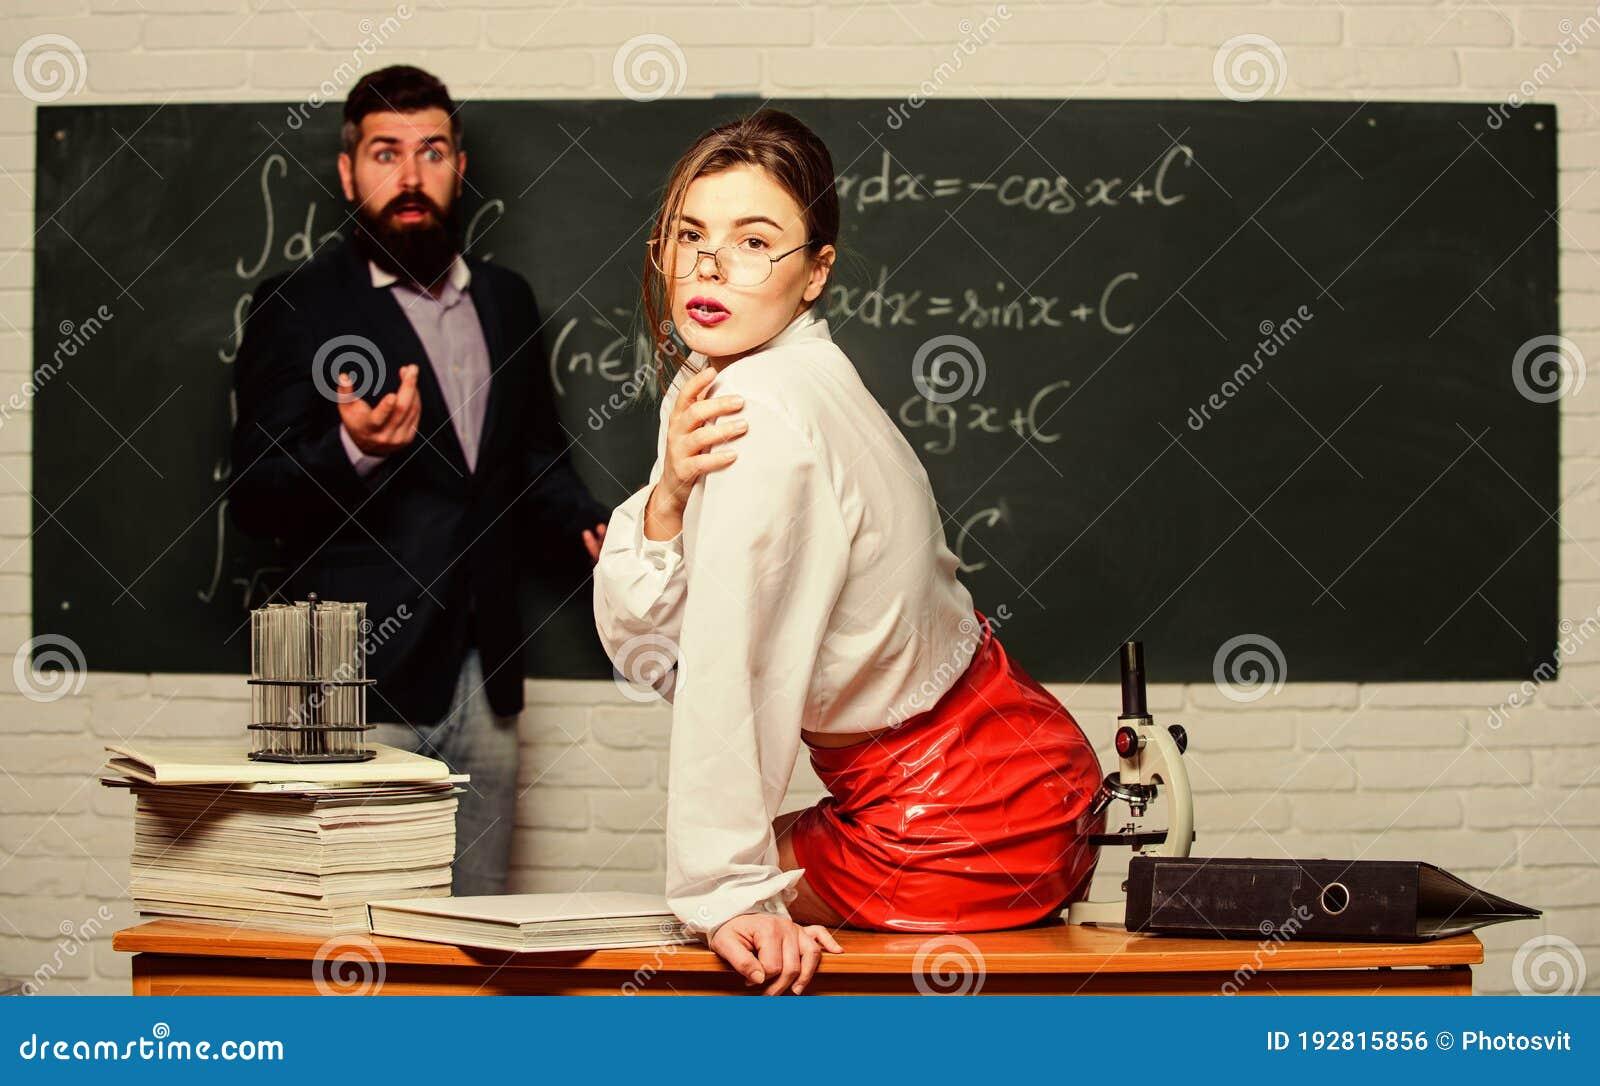 Comment sortir avec son professeur (avec images)